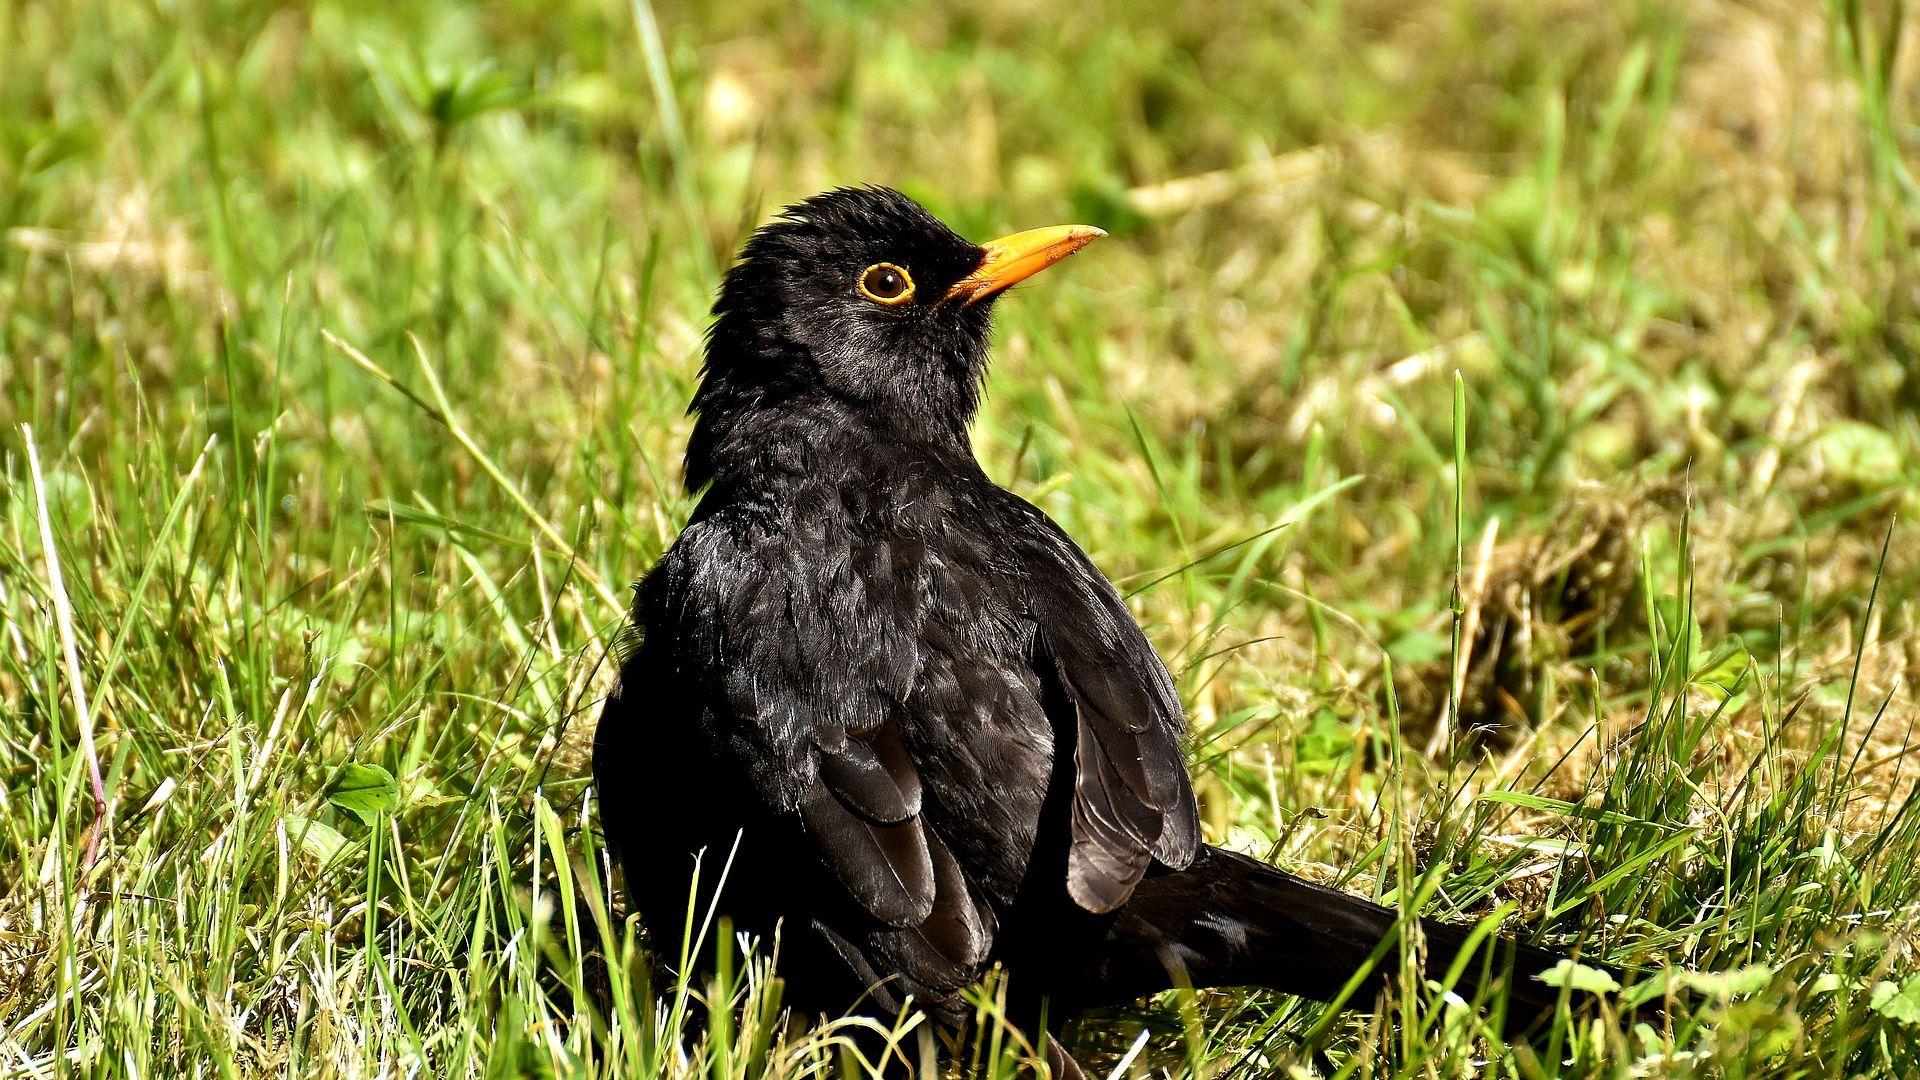 Wallpaper Songbirds, black bird, grass